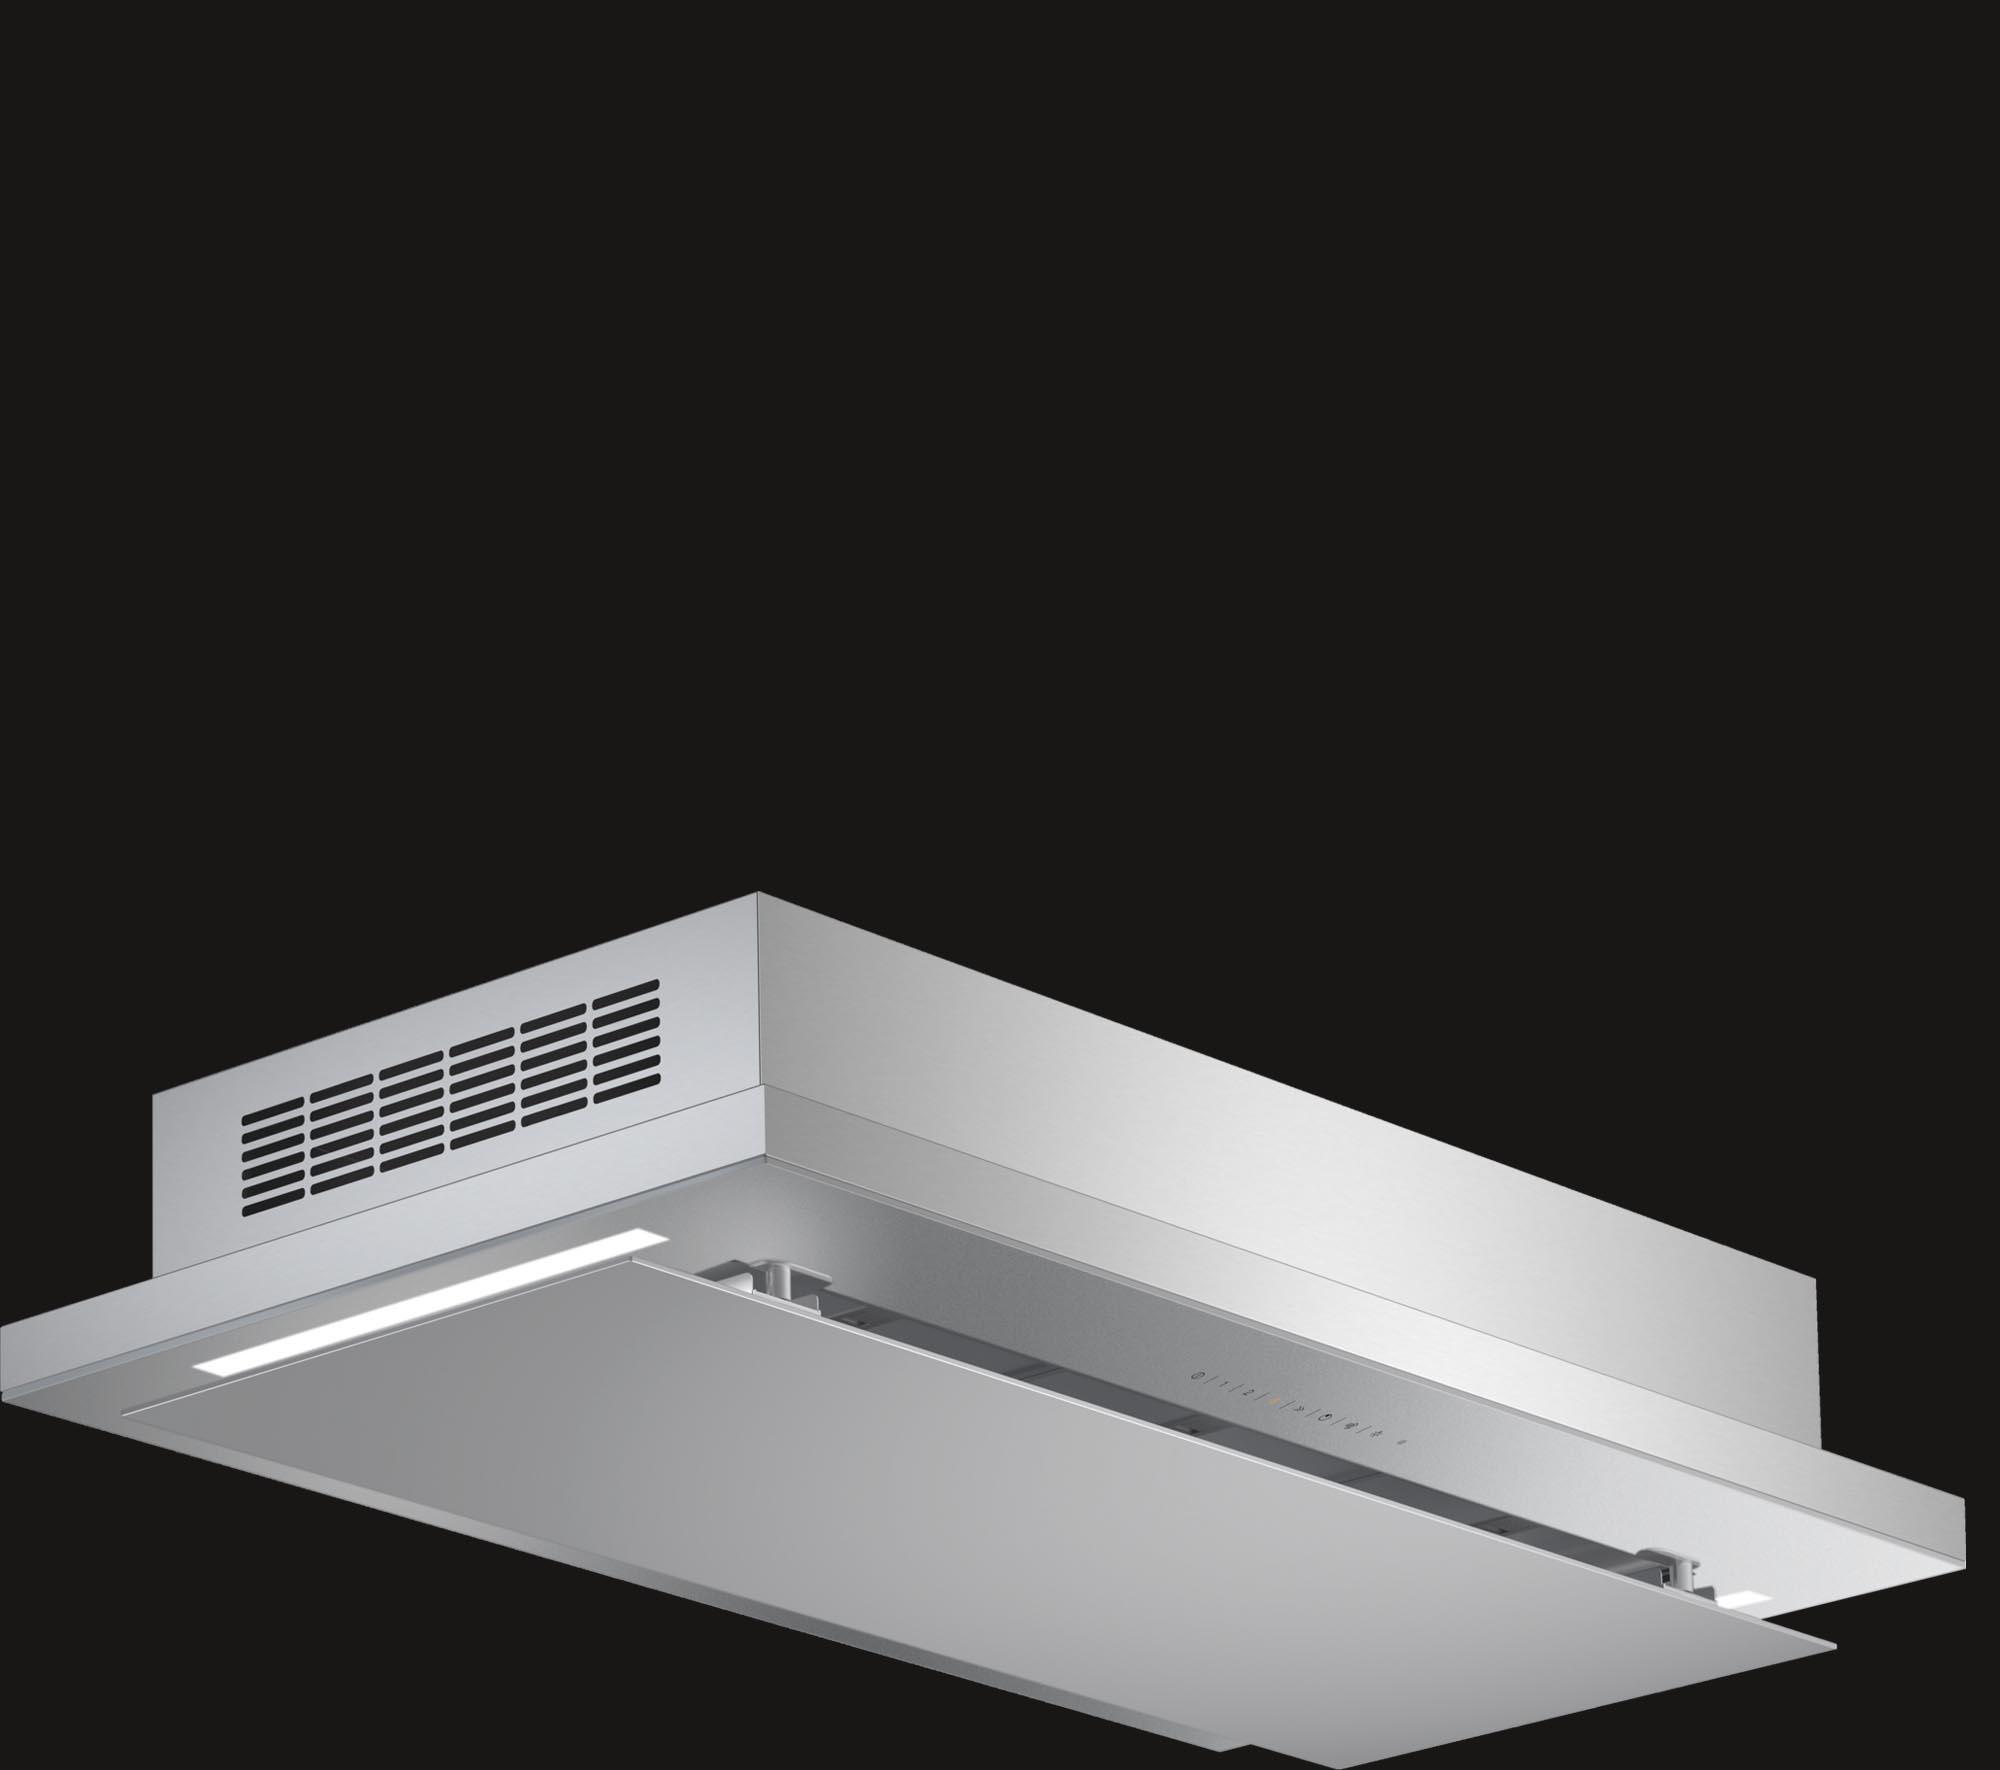 Вытяжка для потолочного монтажа AC231120 GAGGENAU